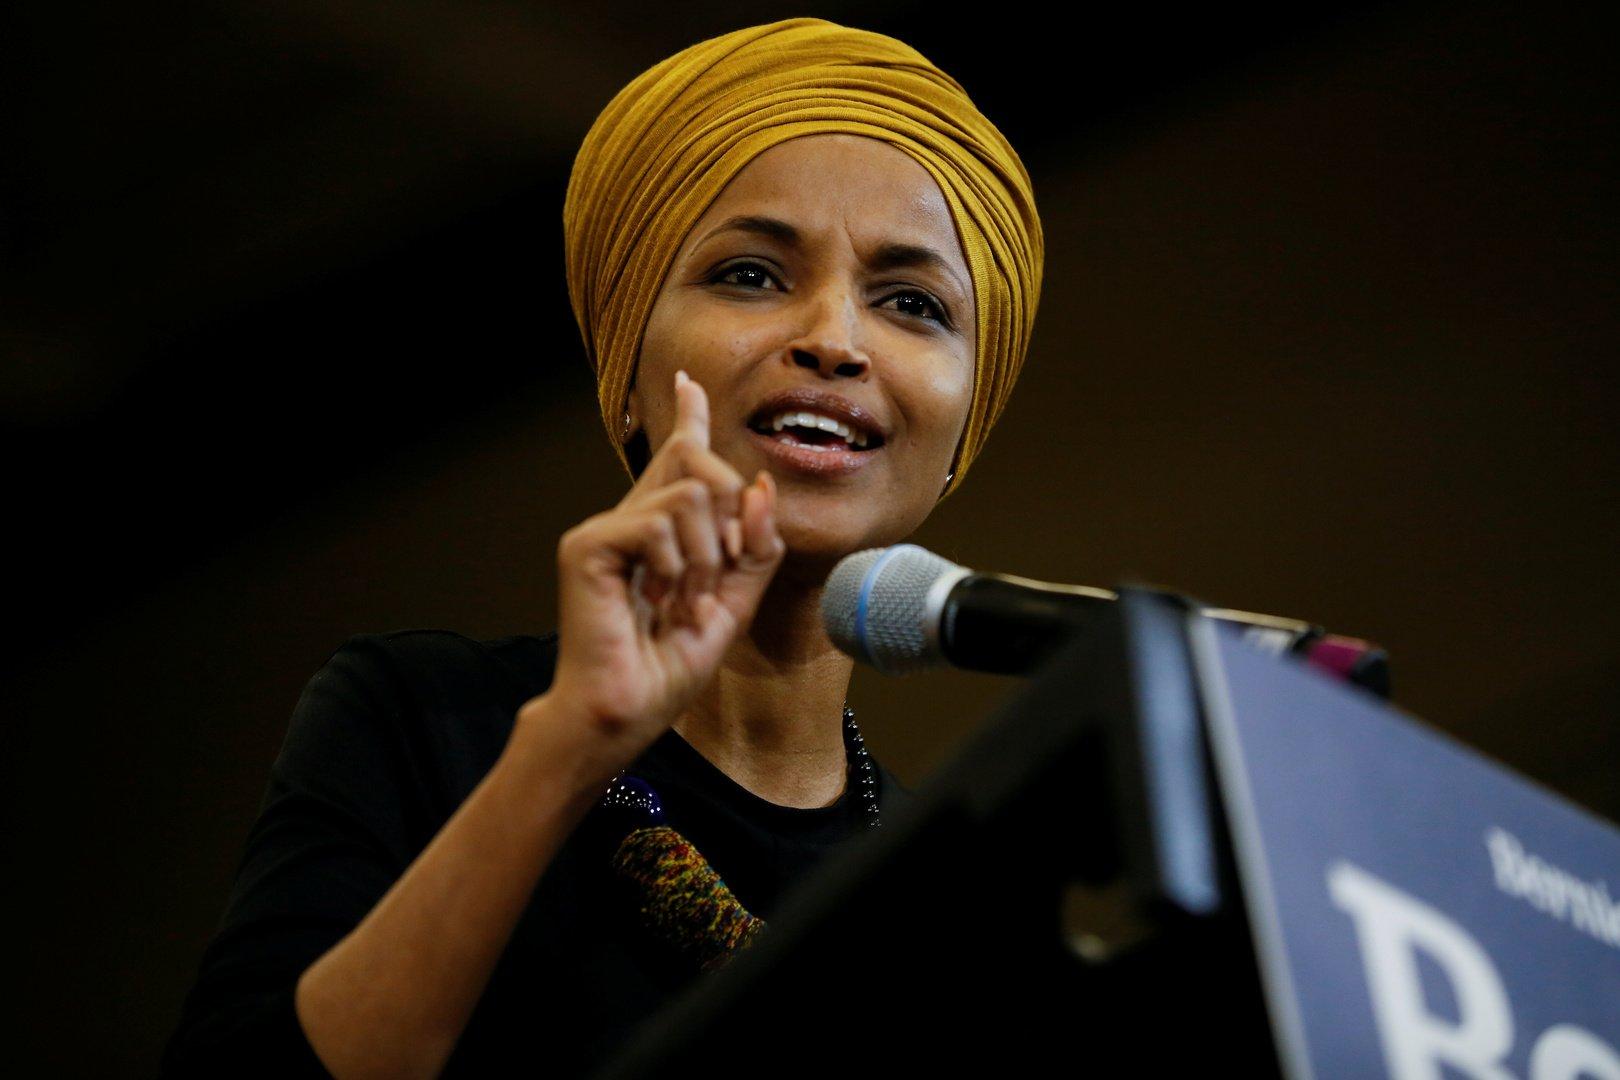 عضو الكنغرس الامريكي إلهان عمر تواجه حملة جديدة ضدها